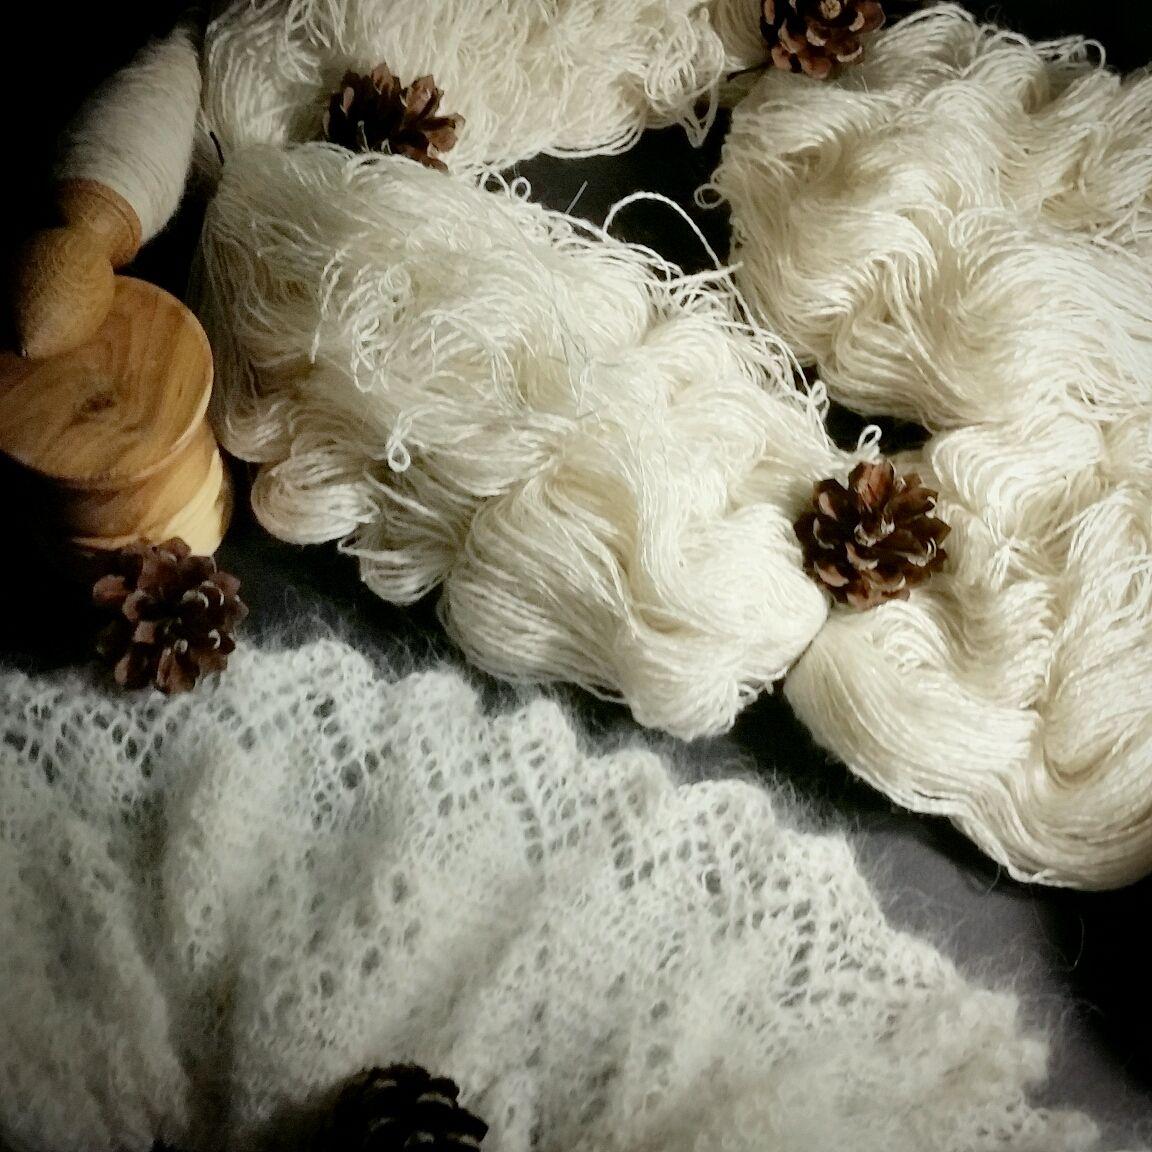 Вязание ручной работы. Ярмарка Мастеров - ручная работа. Купить Из подшерстка Самоедской собаки  Пряденая и соедененная с шелком. Handmade.